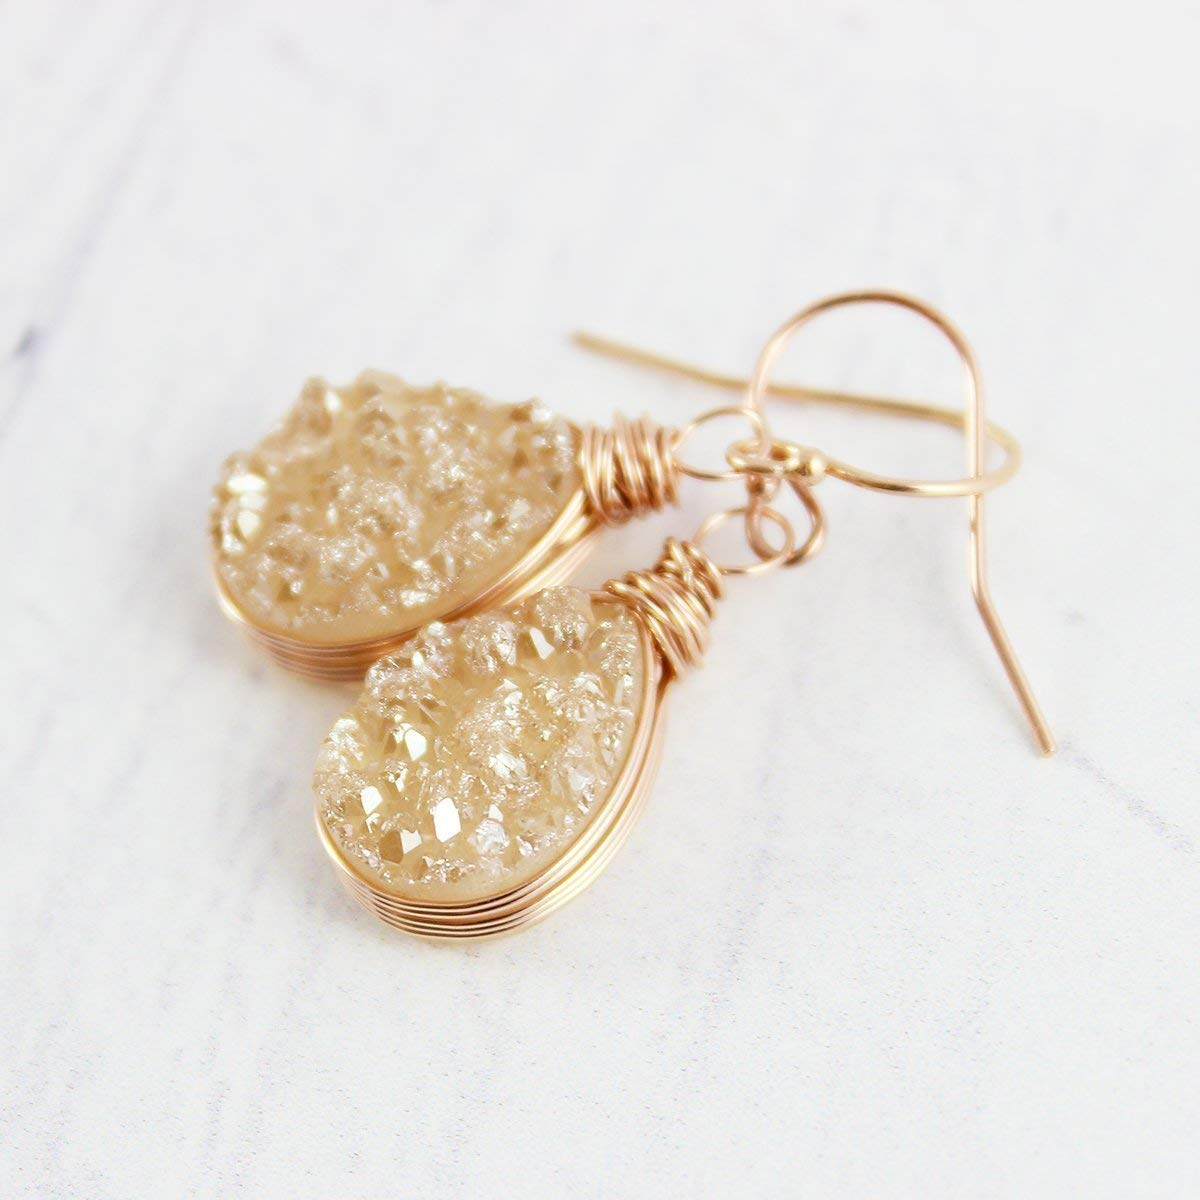 dbb90f9e7c66f Champagne Druzy Rose Gold Teardrop Earrings